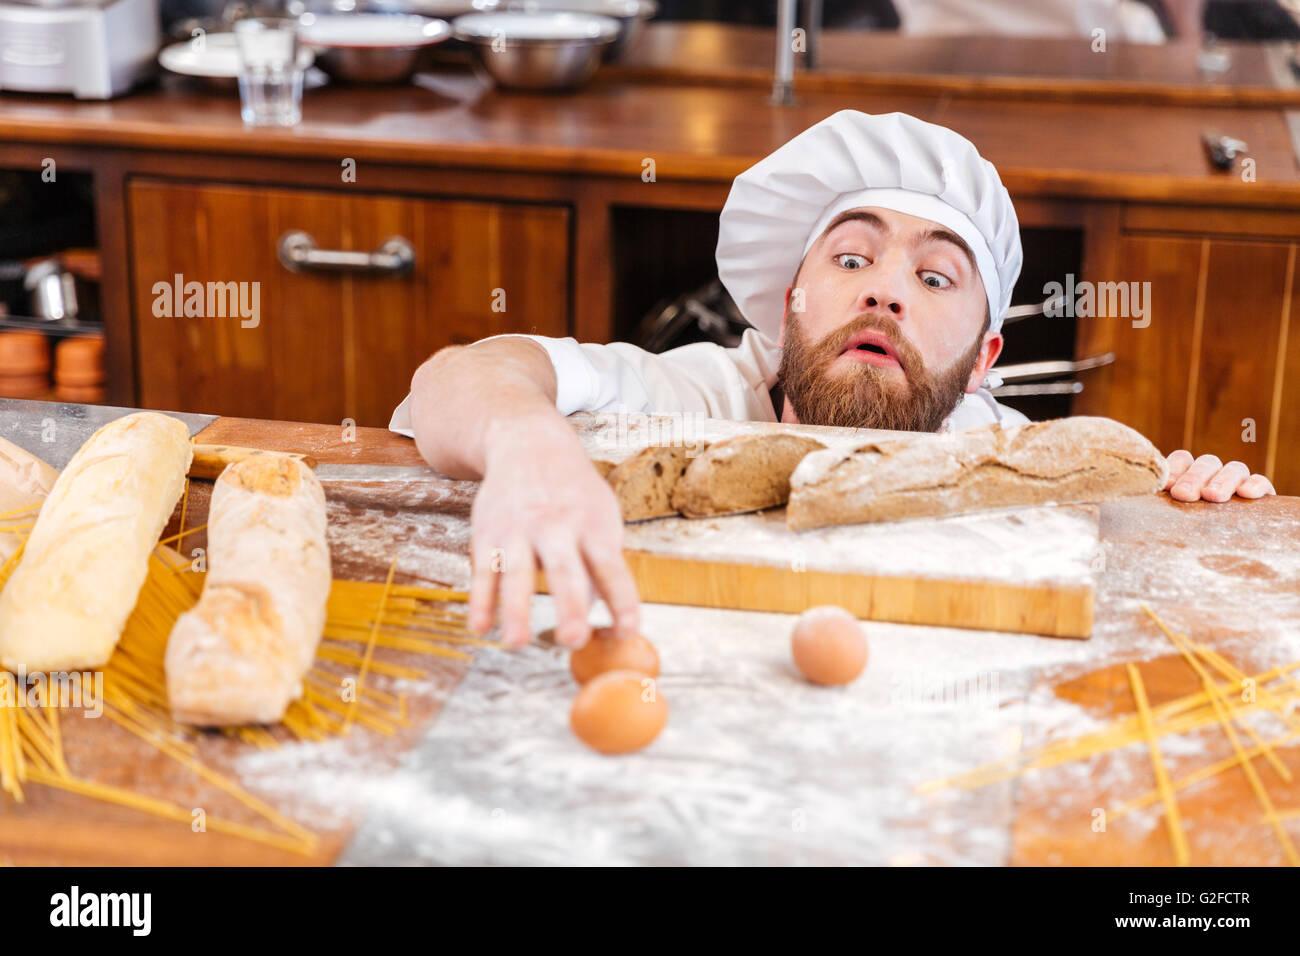 Barbe Baker avec amusant mignon plaisanter et s'amuser sur la cuisine Photo Stock